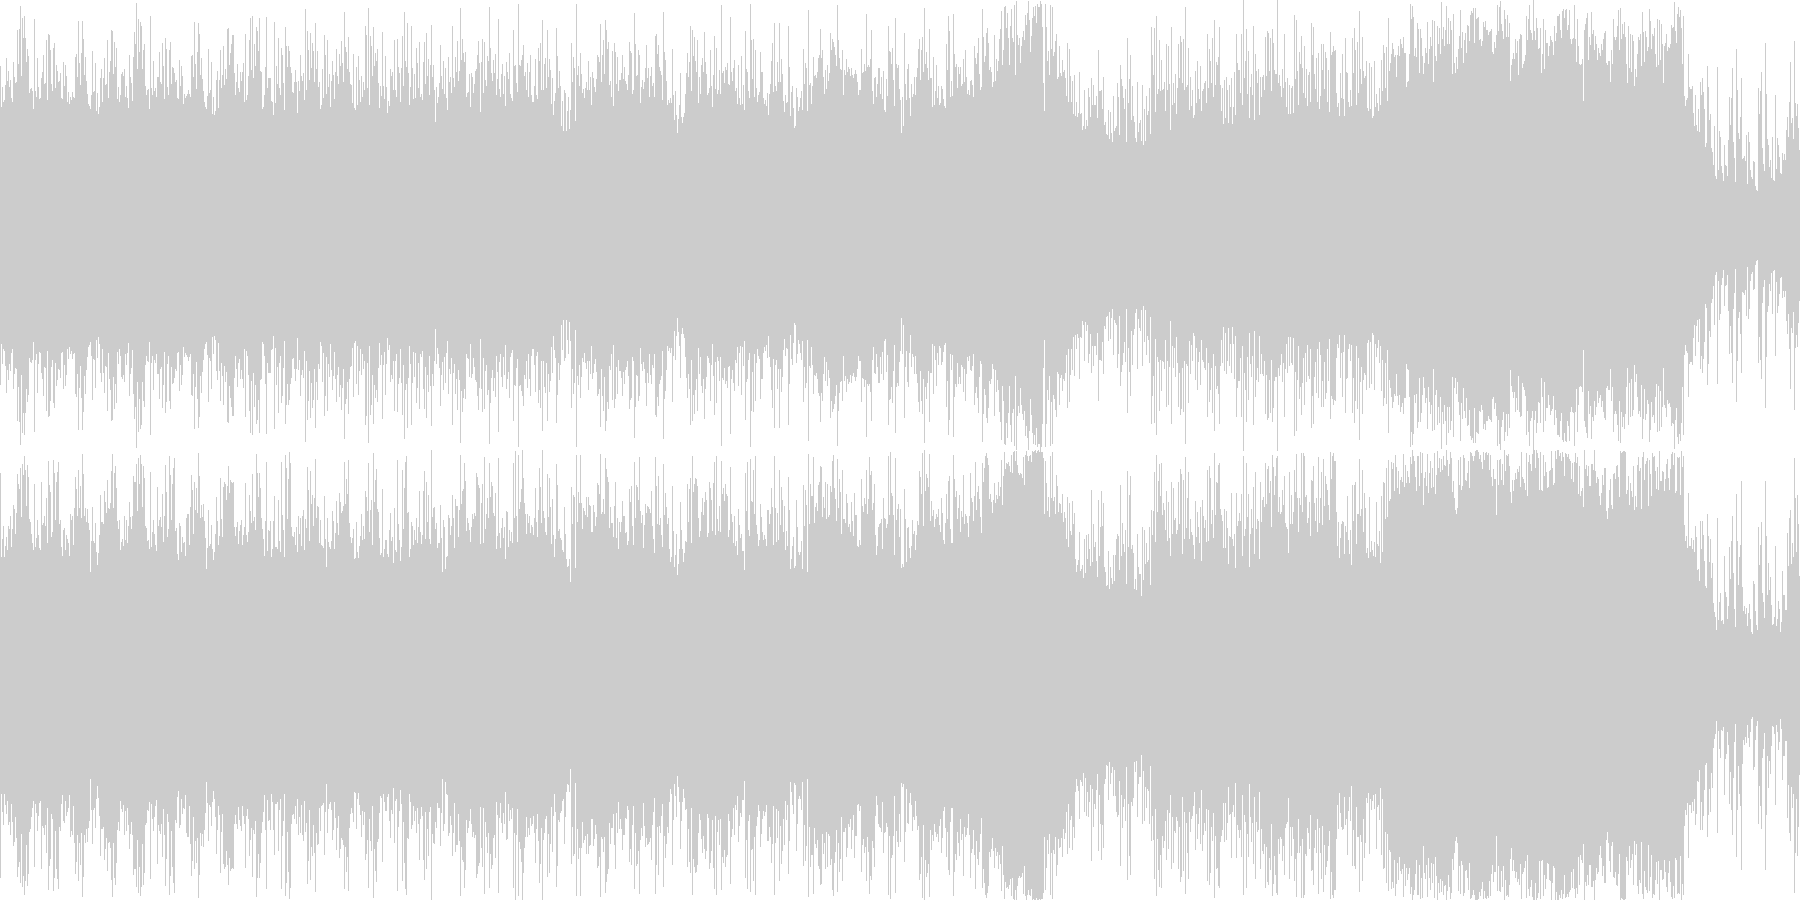 コーラスを使った民族系のBGM(ループ)の未再生の波形